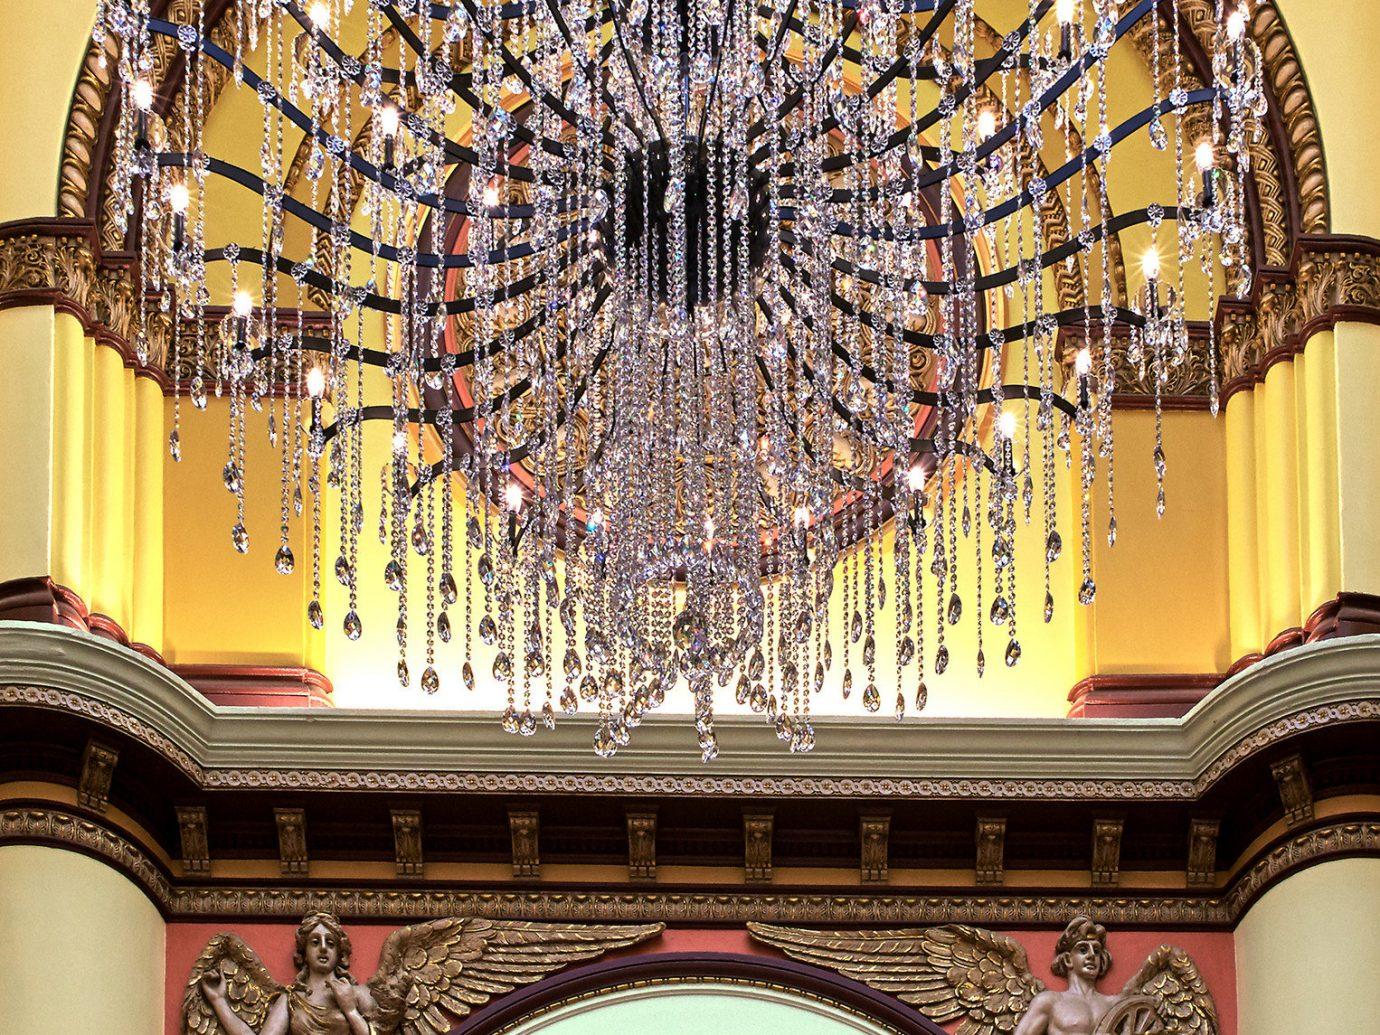 Hotels wall indoor